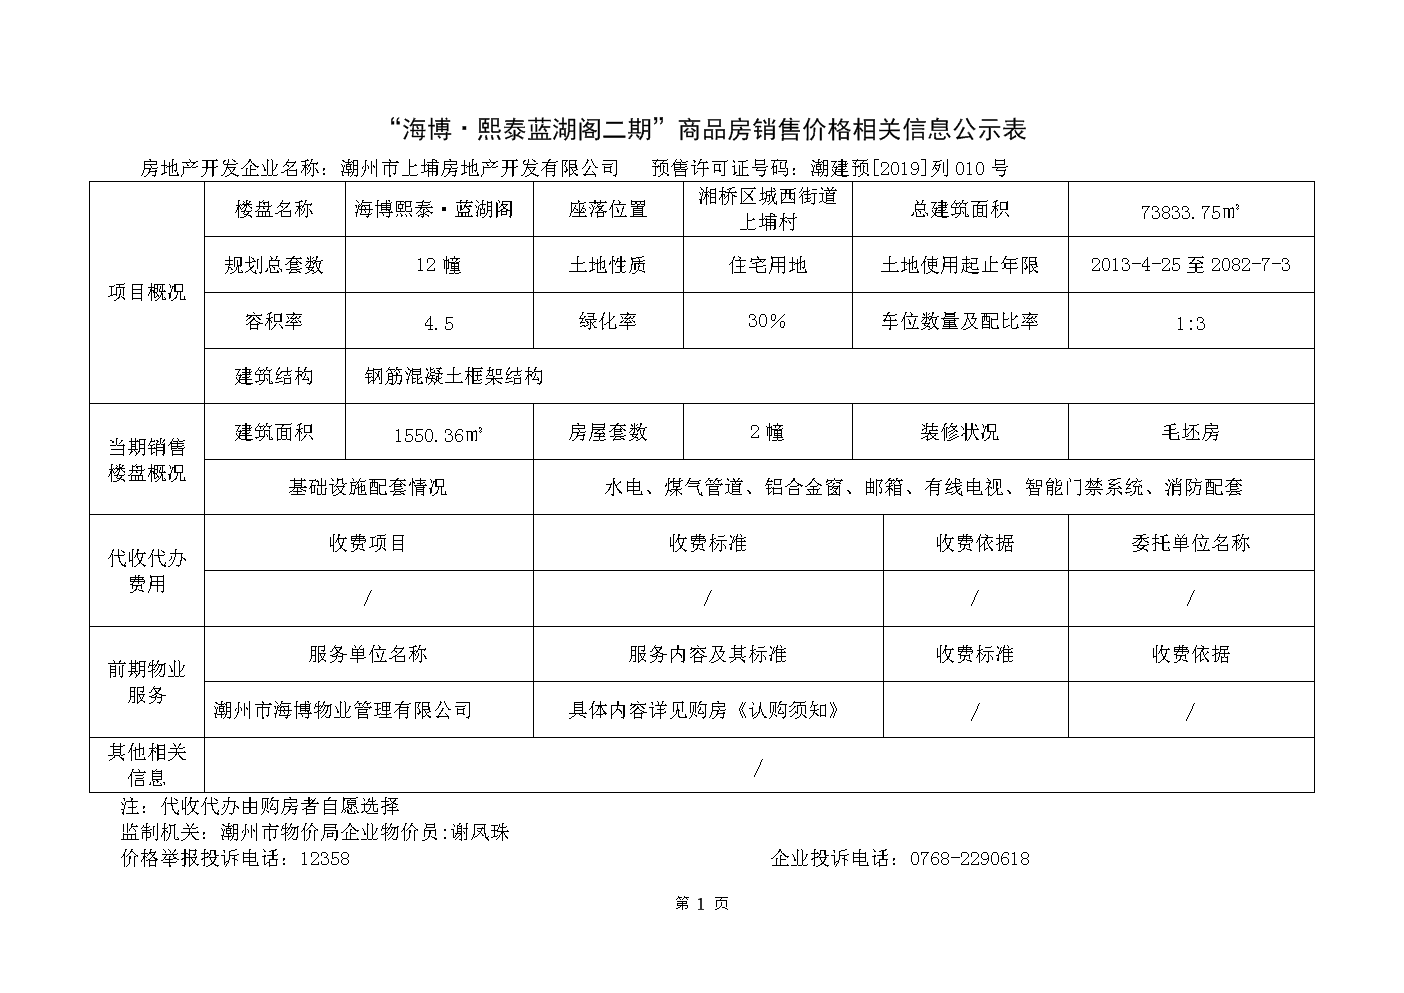 """""""红树林花园""""商品房销售价格相关信息公示表.docx"""